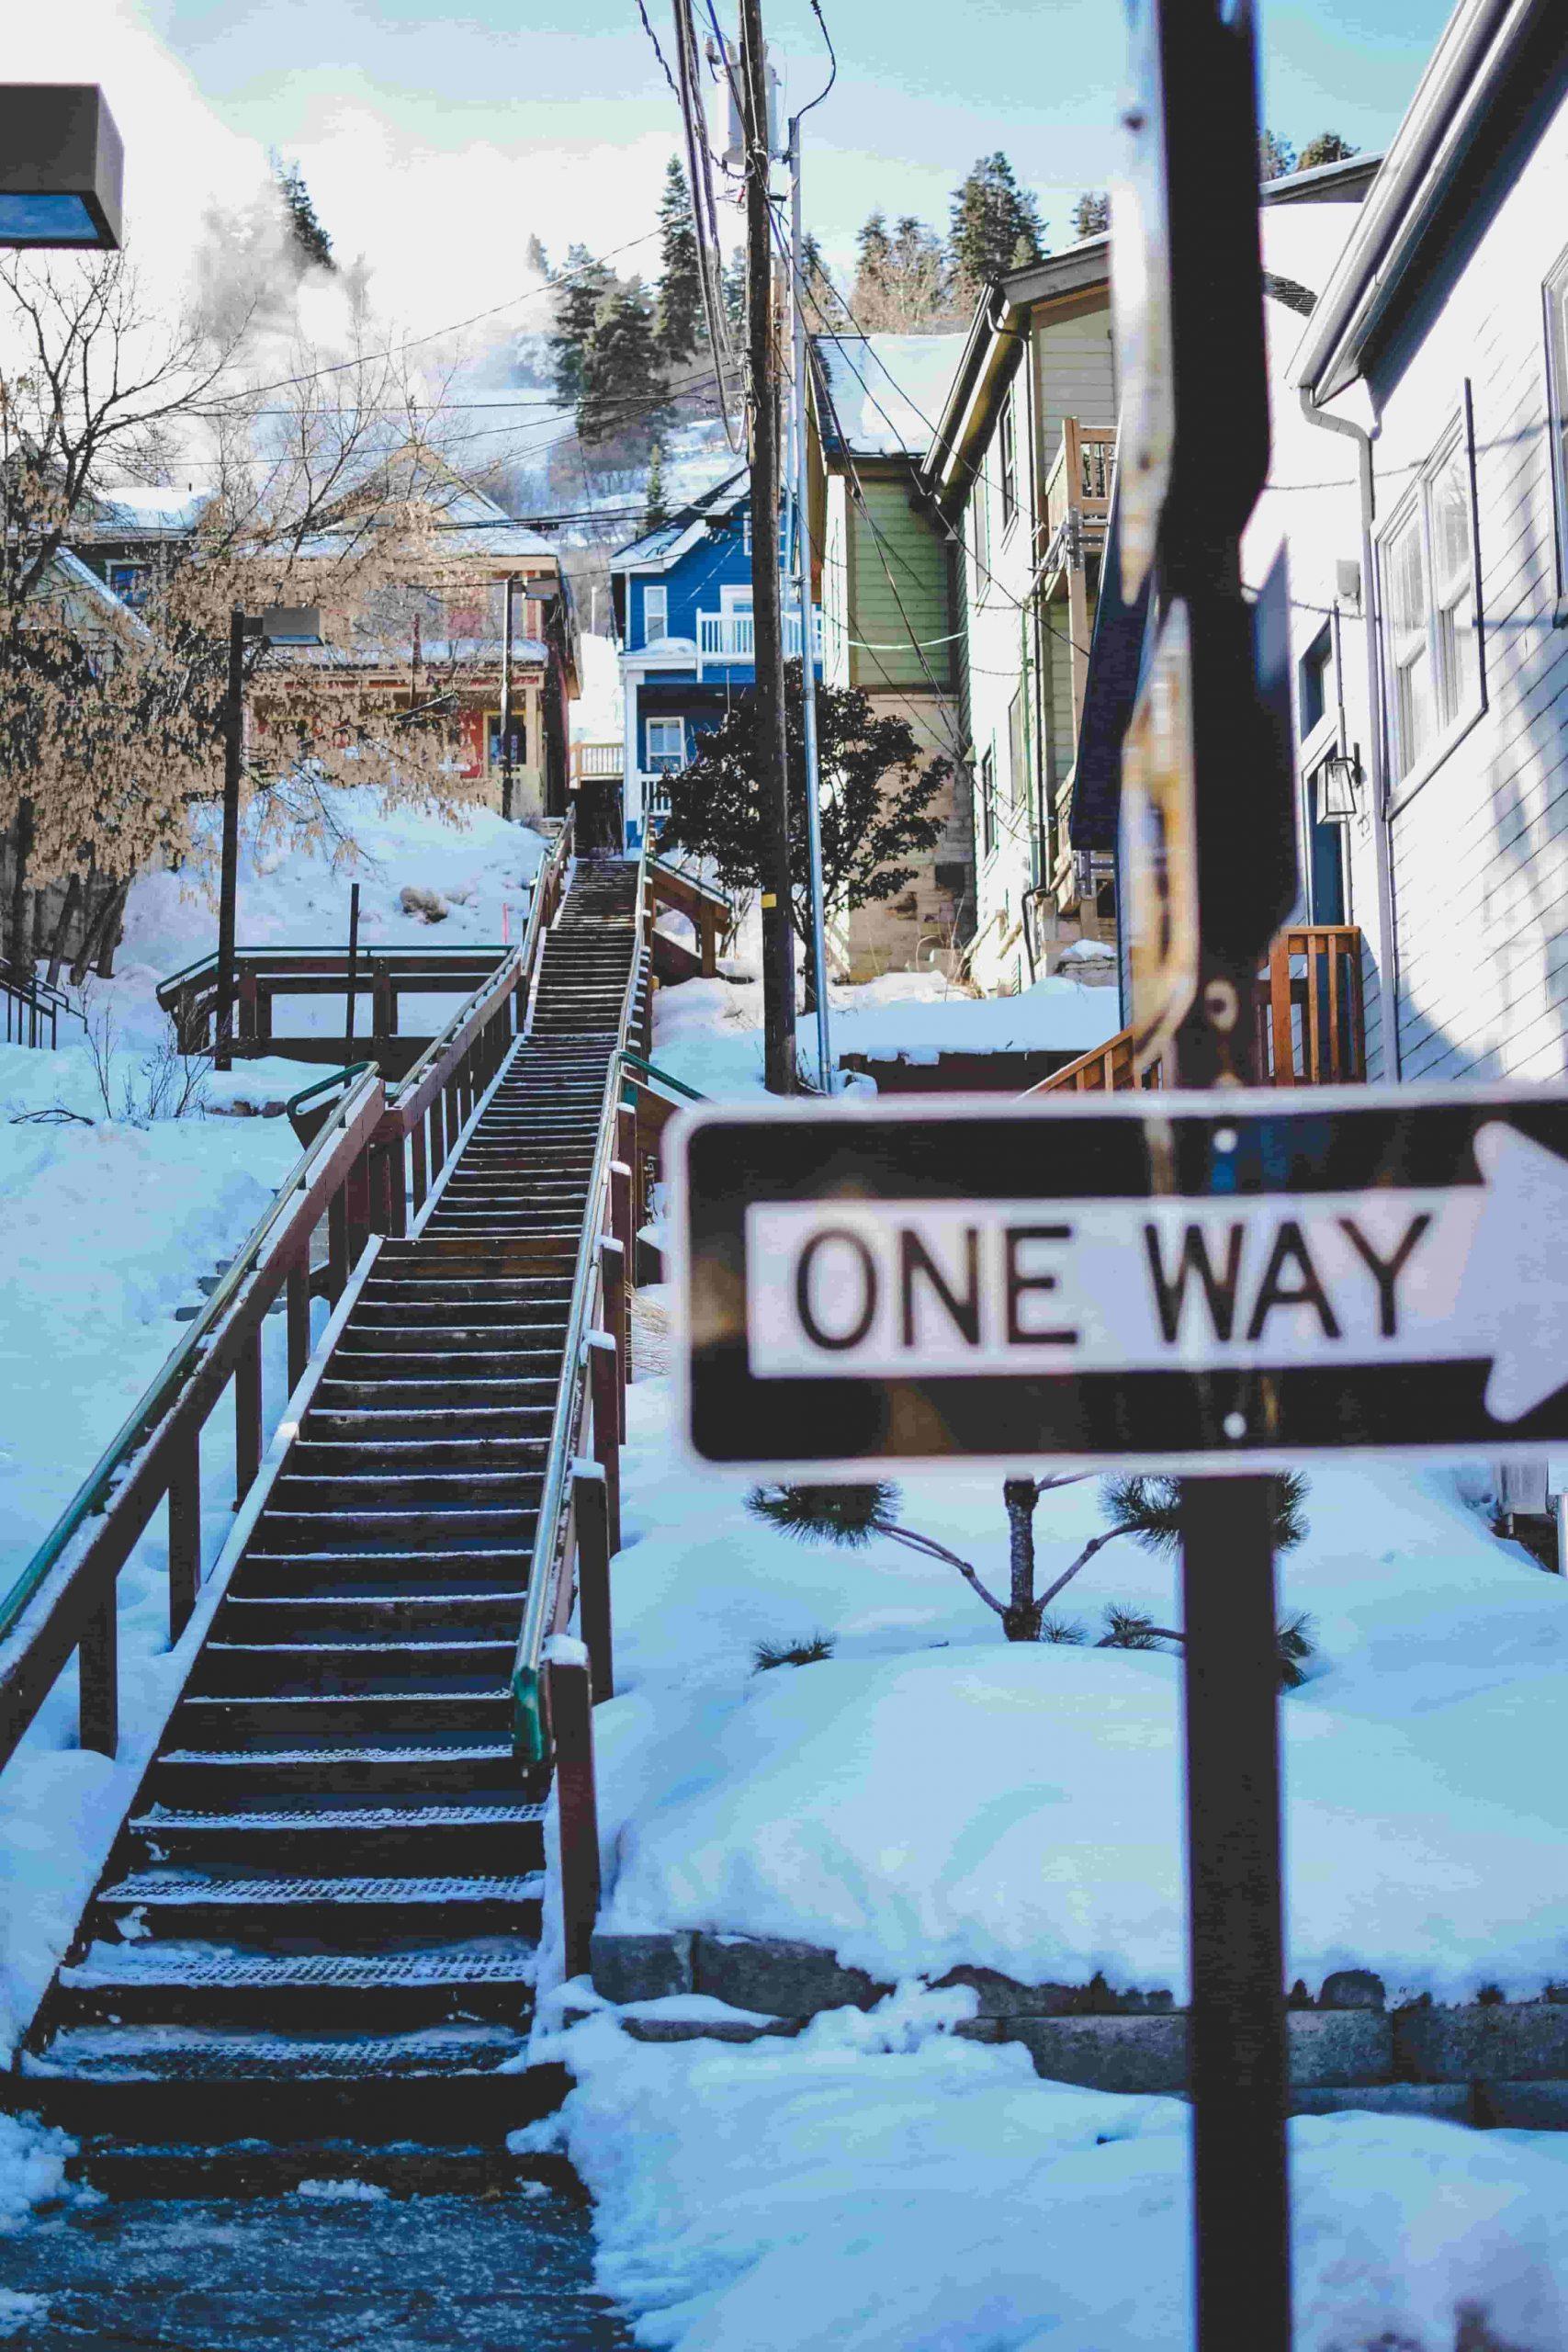 הדרך לבחור את האדם הנכון עבורך